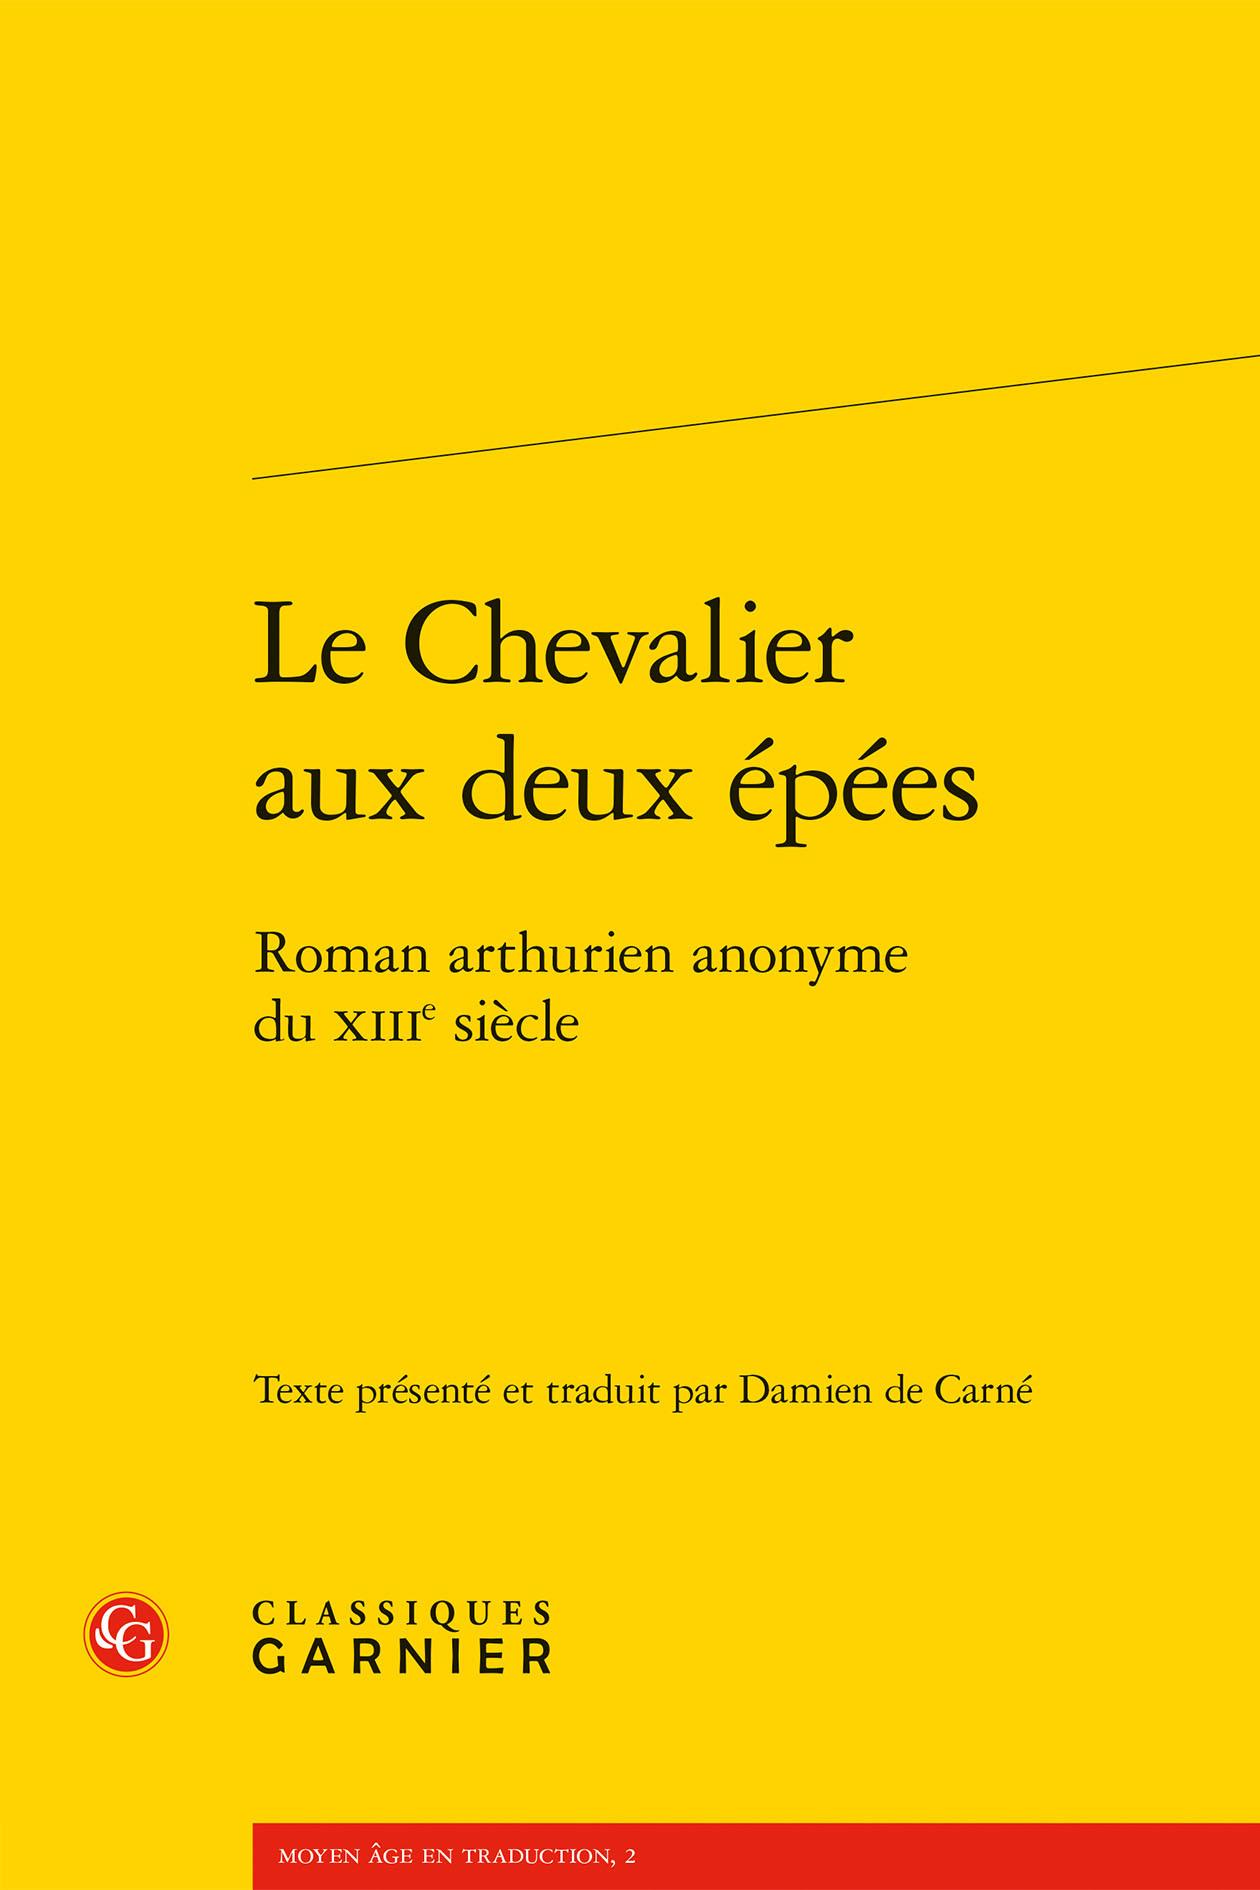 LE CHEVALIER AUX DEUX EPEES - ROMAN ARTHURIEN ANONYME DU XIIIE SIECLE